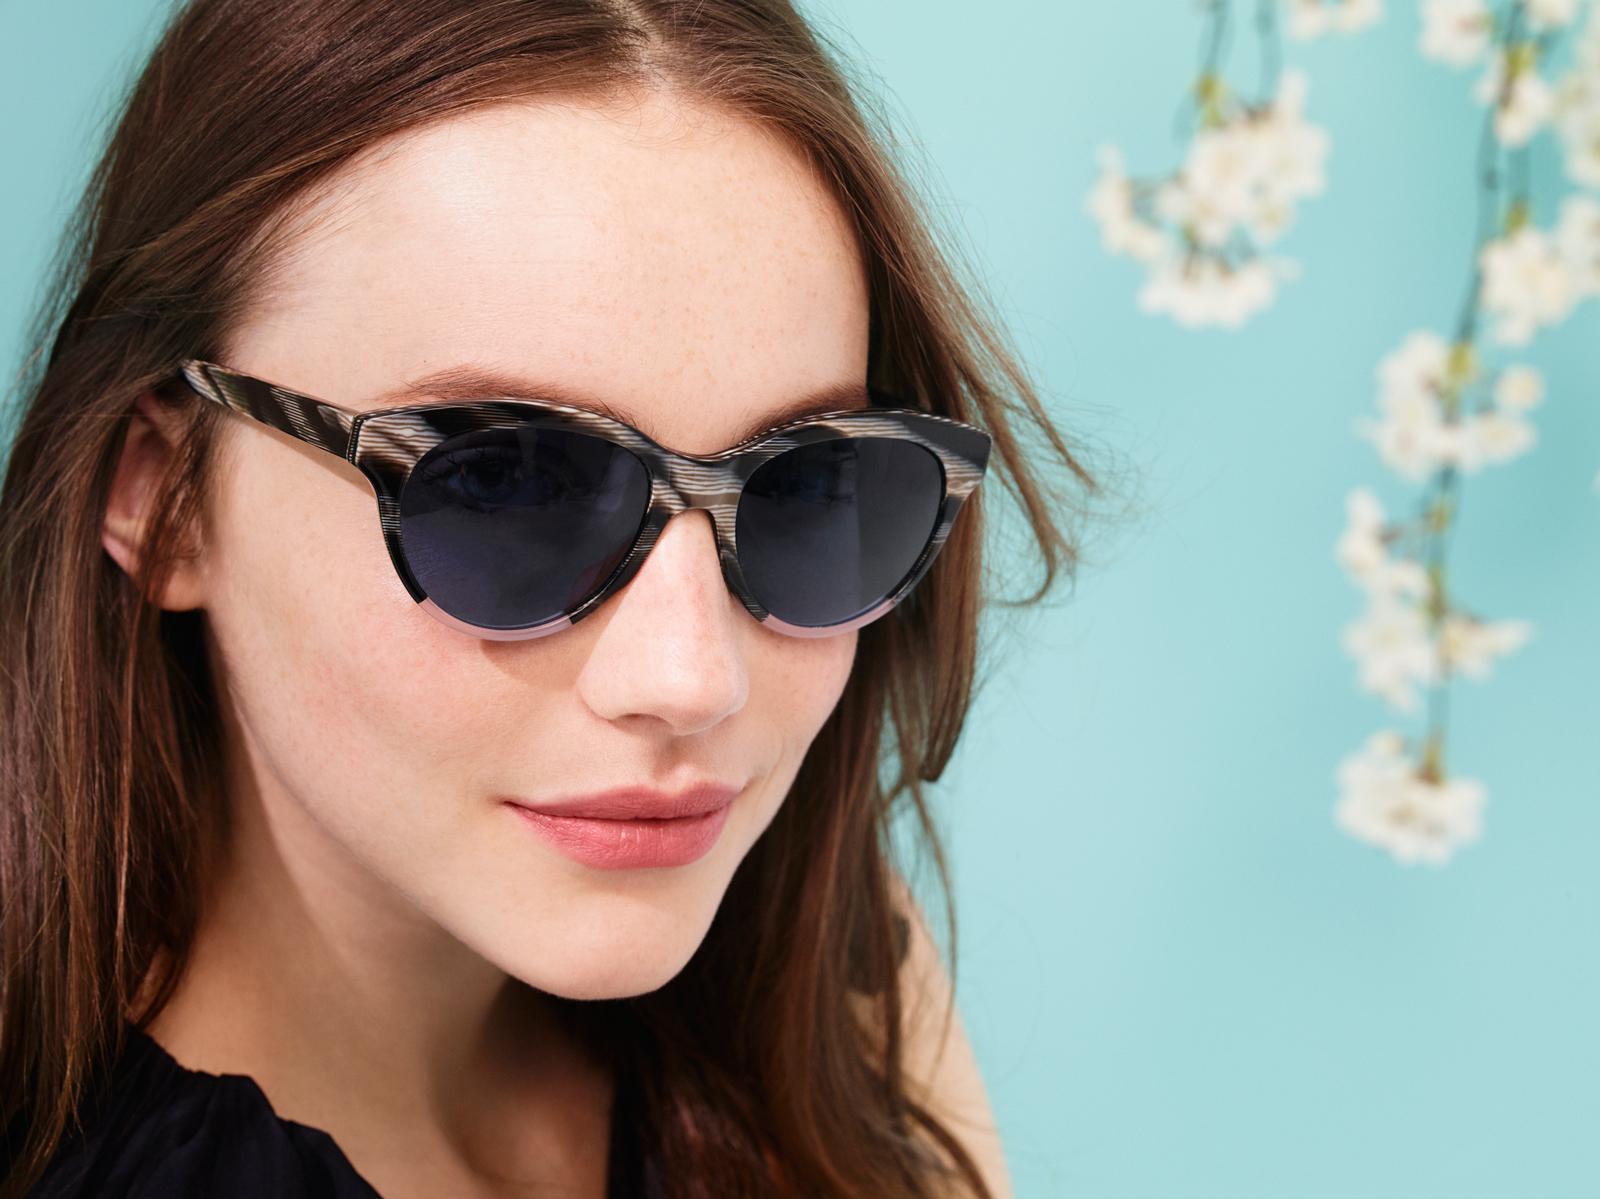 Best Warby Parker Frames - Page 7 - Frame Design & Reviews ✓